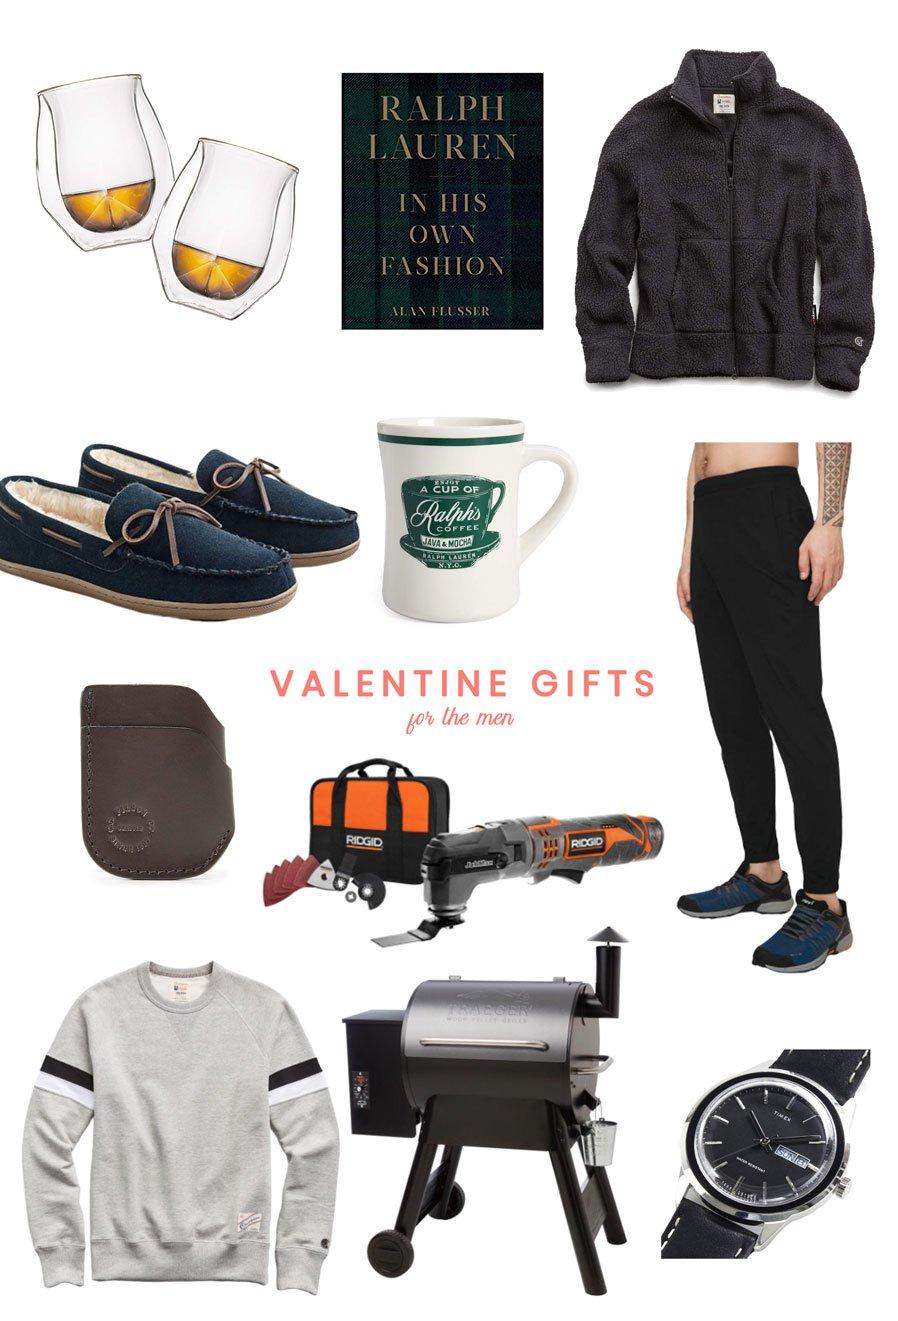 Valentine Gift Guide for Men 2020